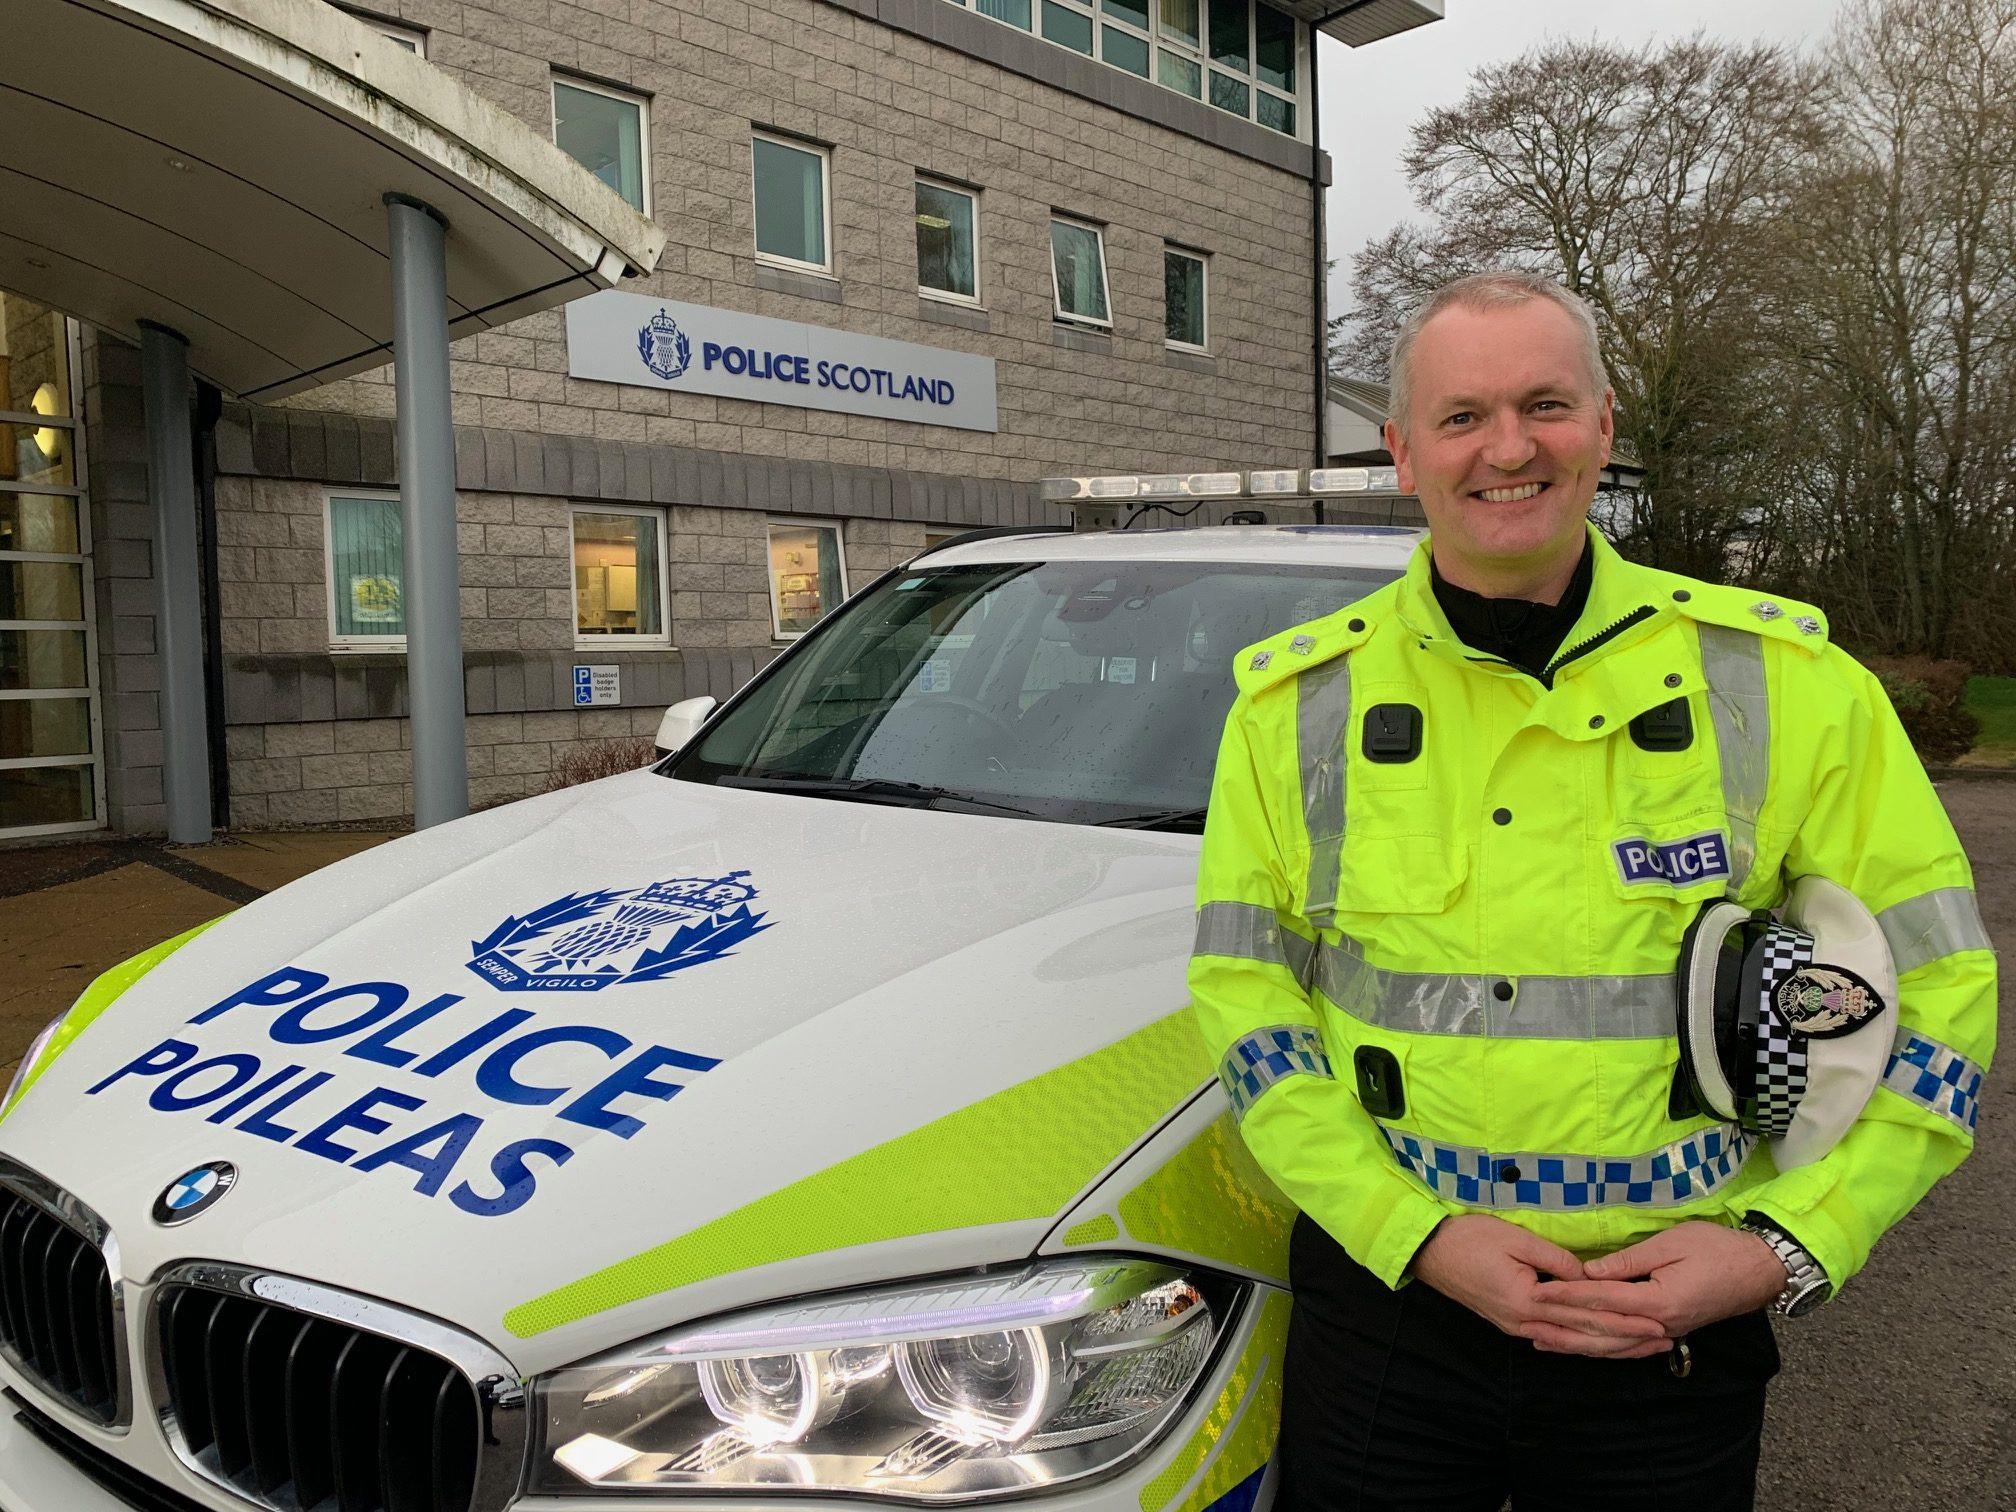 Inspector Neil Morrison